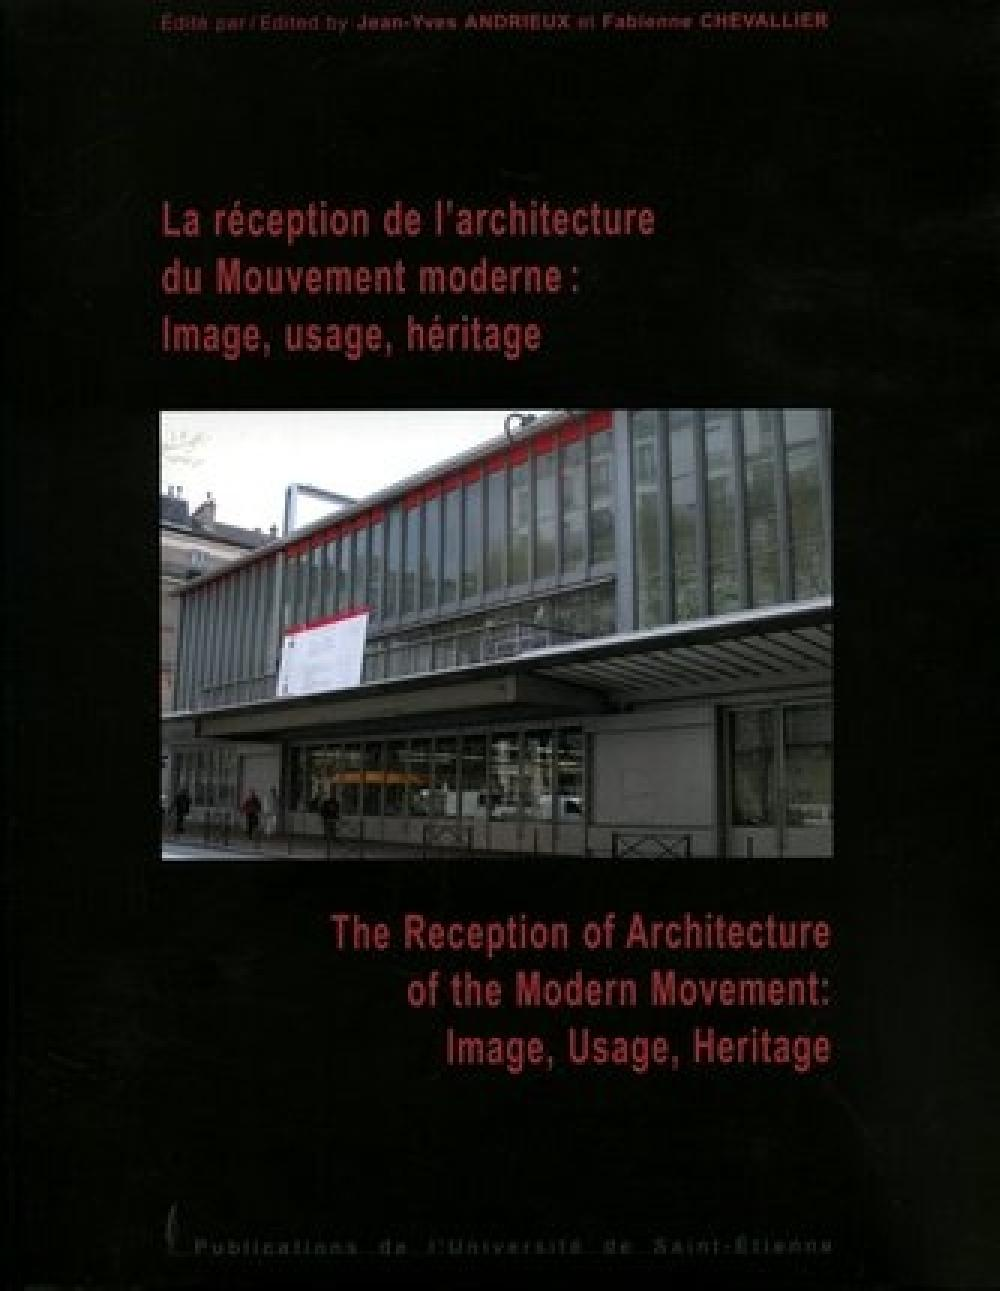 La réception de l'architecture du Mouvement moderne : image, usage, héritage.